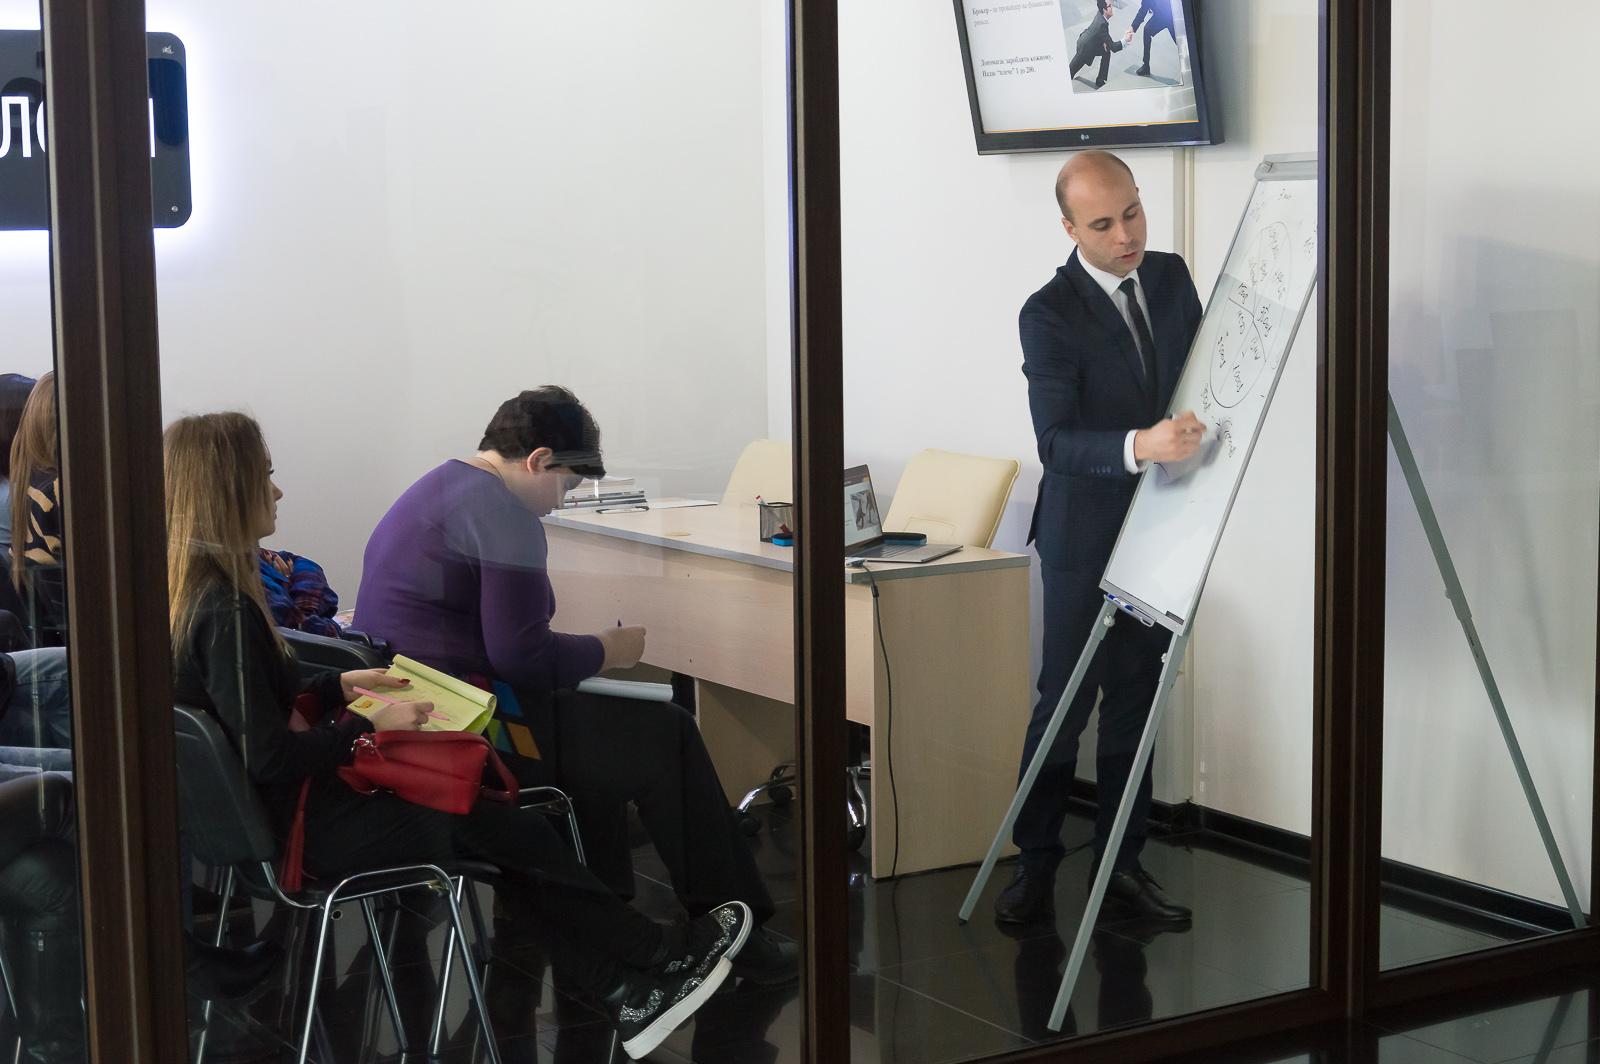 """Лекцію """"Фінансові ринки та основи біржових технологій"""" в Чернівцях відвідали студенти та викладачі МАУП - 6 фото"""